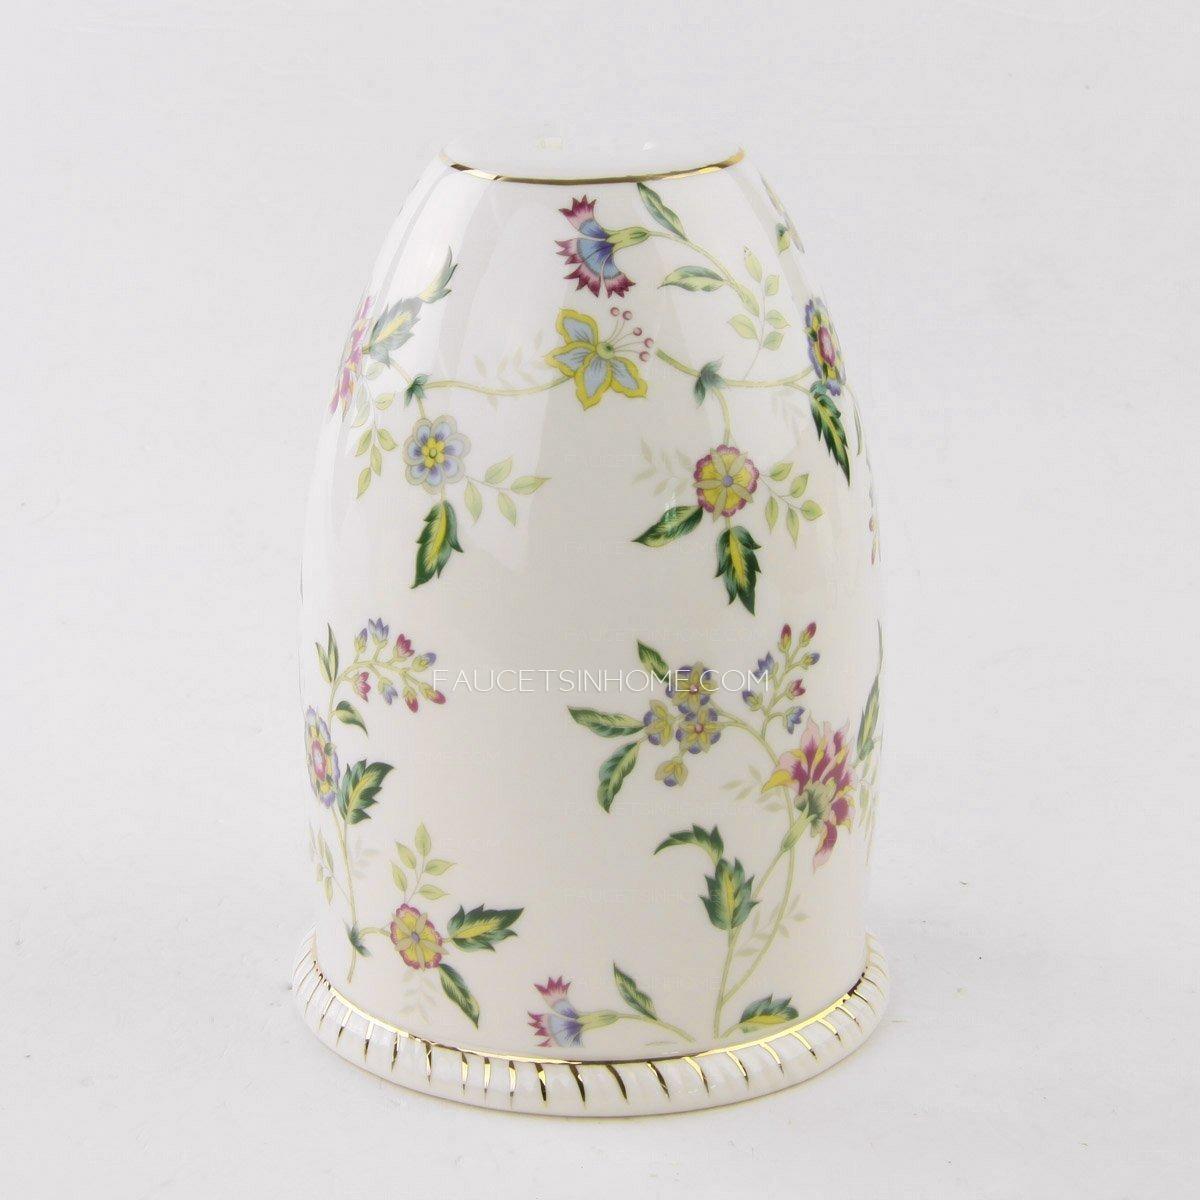 Exquisite Floral Porcelain Innovative Toilet Brush Holder